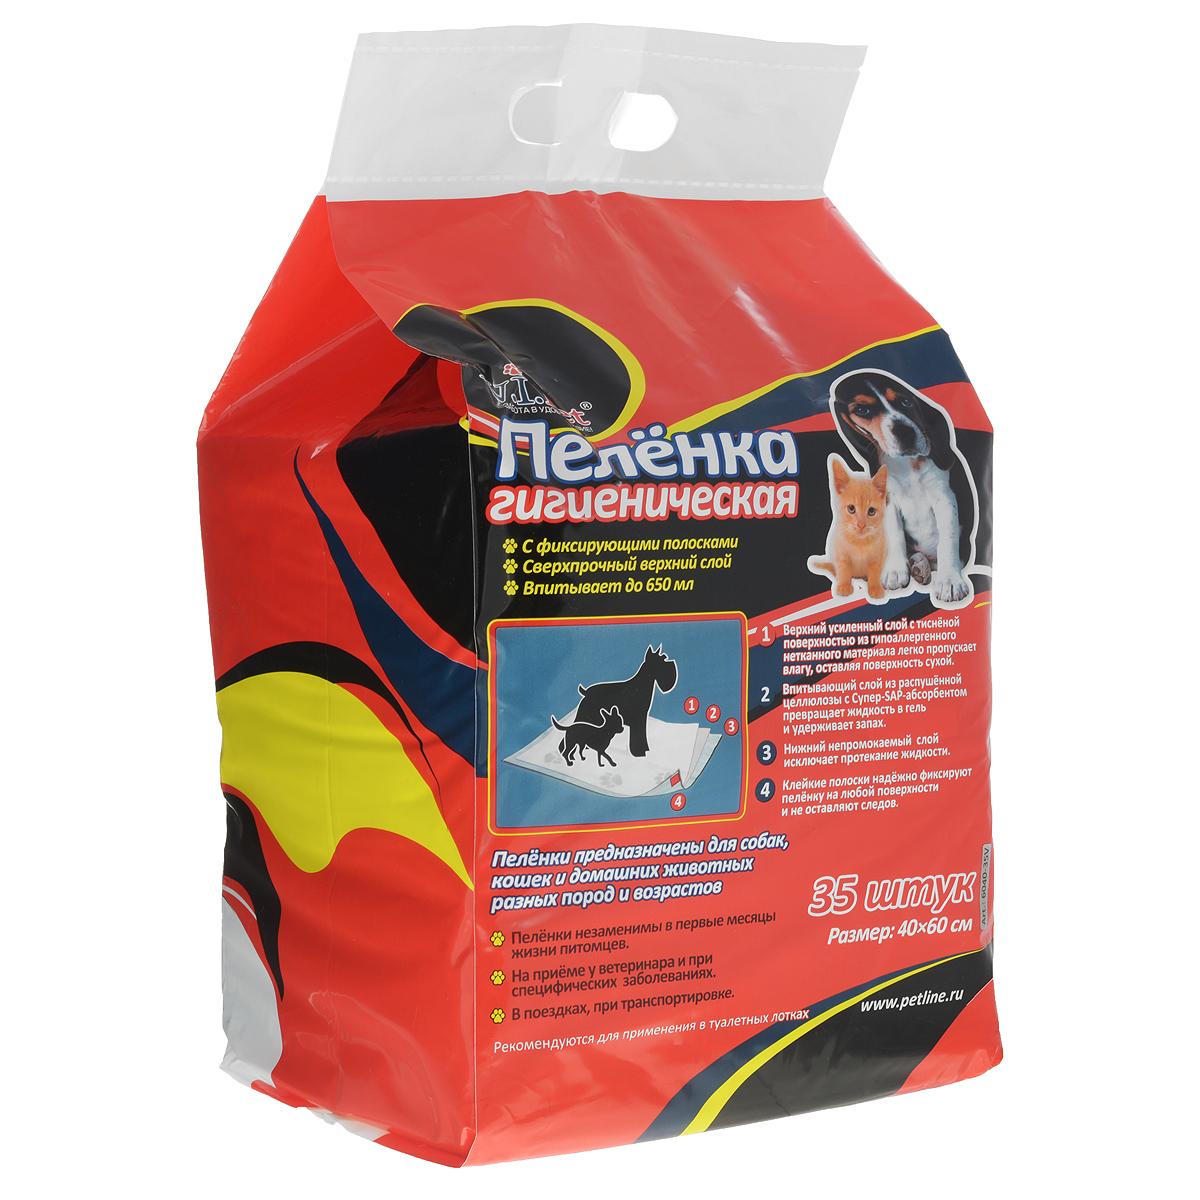 Пеленки для домашних животных V.I.Pet, гигиенические, 40 см х 60 см, 35 шт6040-35VВпитывающие гигиенические пеленки V.I.Pet предназначены для собак, кошек и других домашних животных разных пород и возрастов. Пеленки имеют 3 слоя: - верхний усиленный слой с тисненой поверхностью из гипоаллергенного нетканного материала легко пропускает влагу, оставляя поверхность сухой; - впитывающий слой из распушенной целлюлозы с Супер-SAP-абсорбентом превращает жидкость в гель и удерживает запах; - нижний непромокаемый слой исключает протекание жидкости; Клейкие полоски надежно фиксируют пеленку на любой поверхности и не оставляют следов. Пеленки незаменимы в первые месяцы жизни щенков, при специфических заболеваниях, поездках, выставках и на приеме у ветеринара. Подходят для туалетных лотков. Благодаря оригинальной 3-х слойной компановке, пеленки прекрасно удерживают влагу. Сохраняют форму, поглощая до 650 мл жидкости. Сверхпрочный верхний слой устойчив к повреждениям и острым когтям. Пеленки обеспечивают...